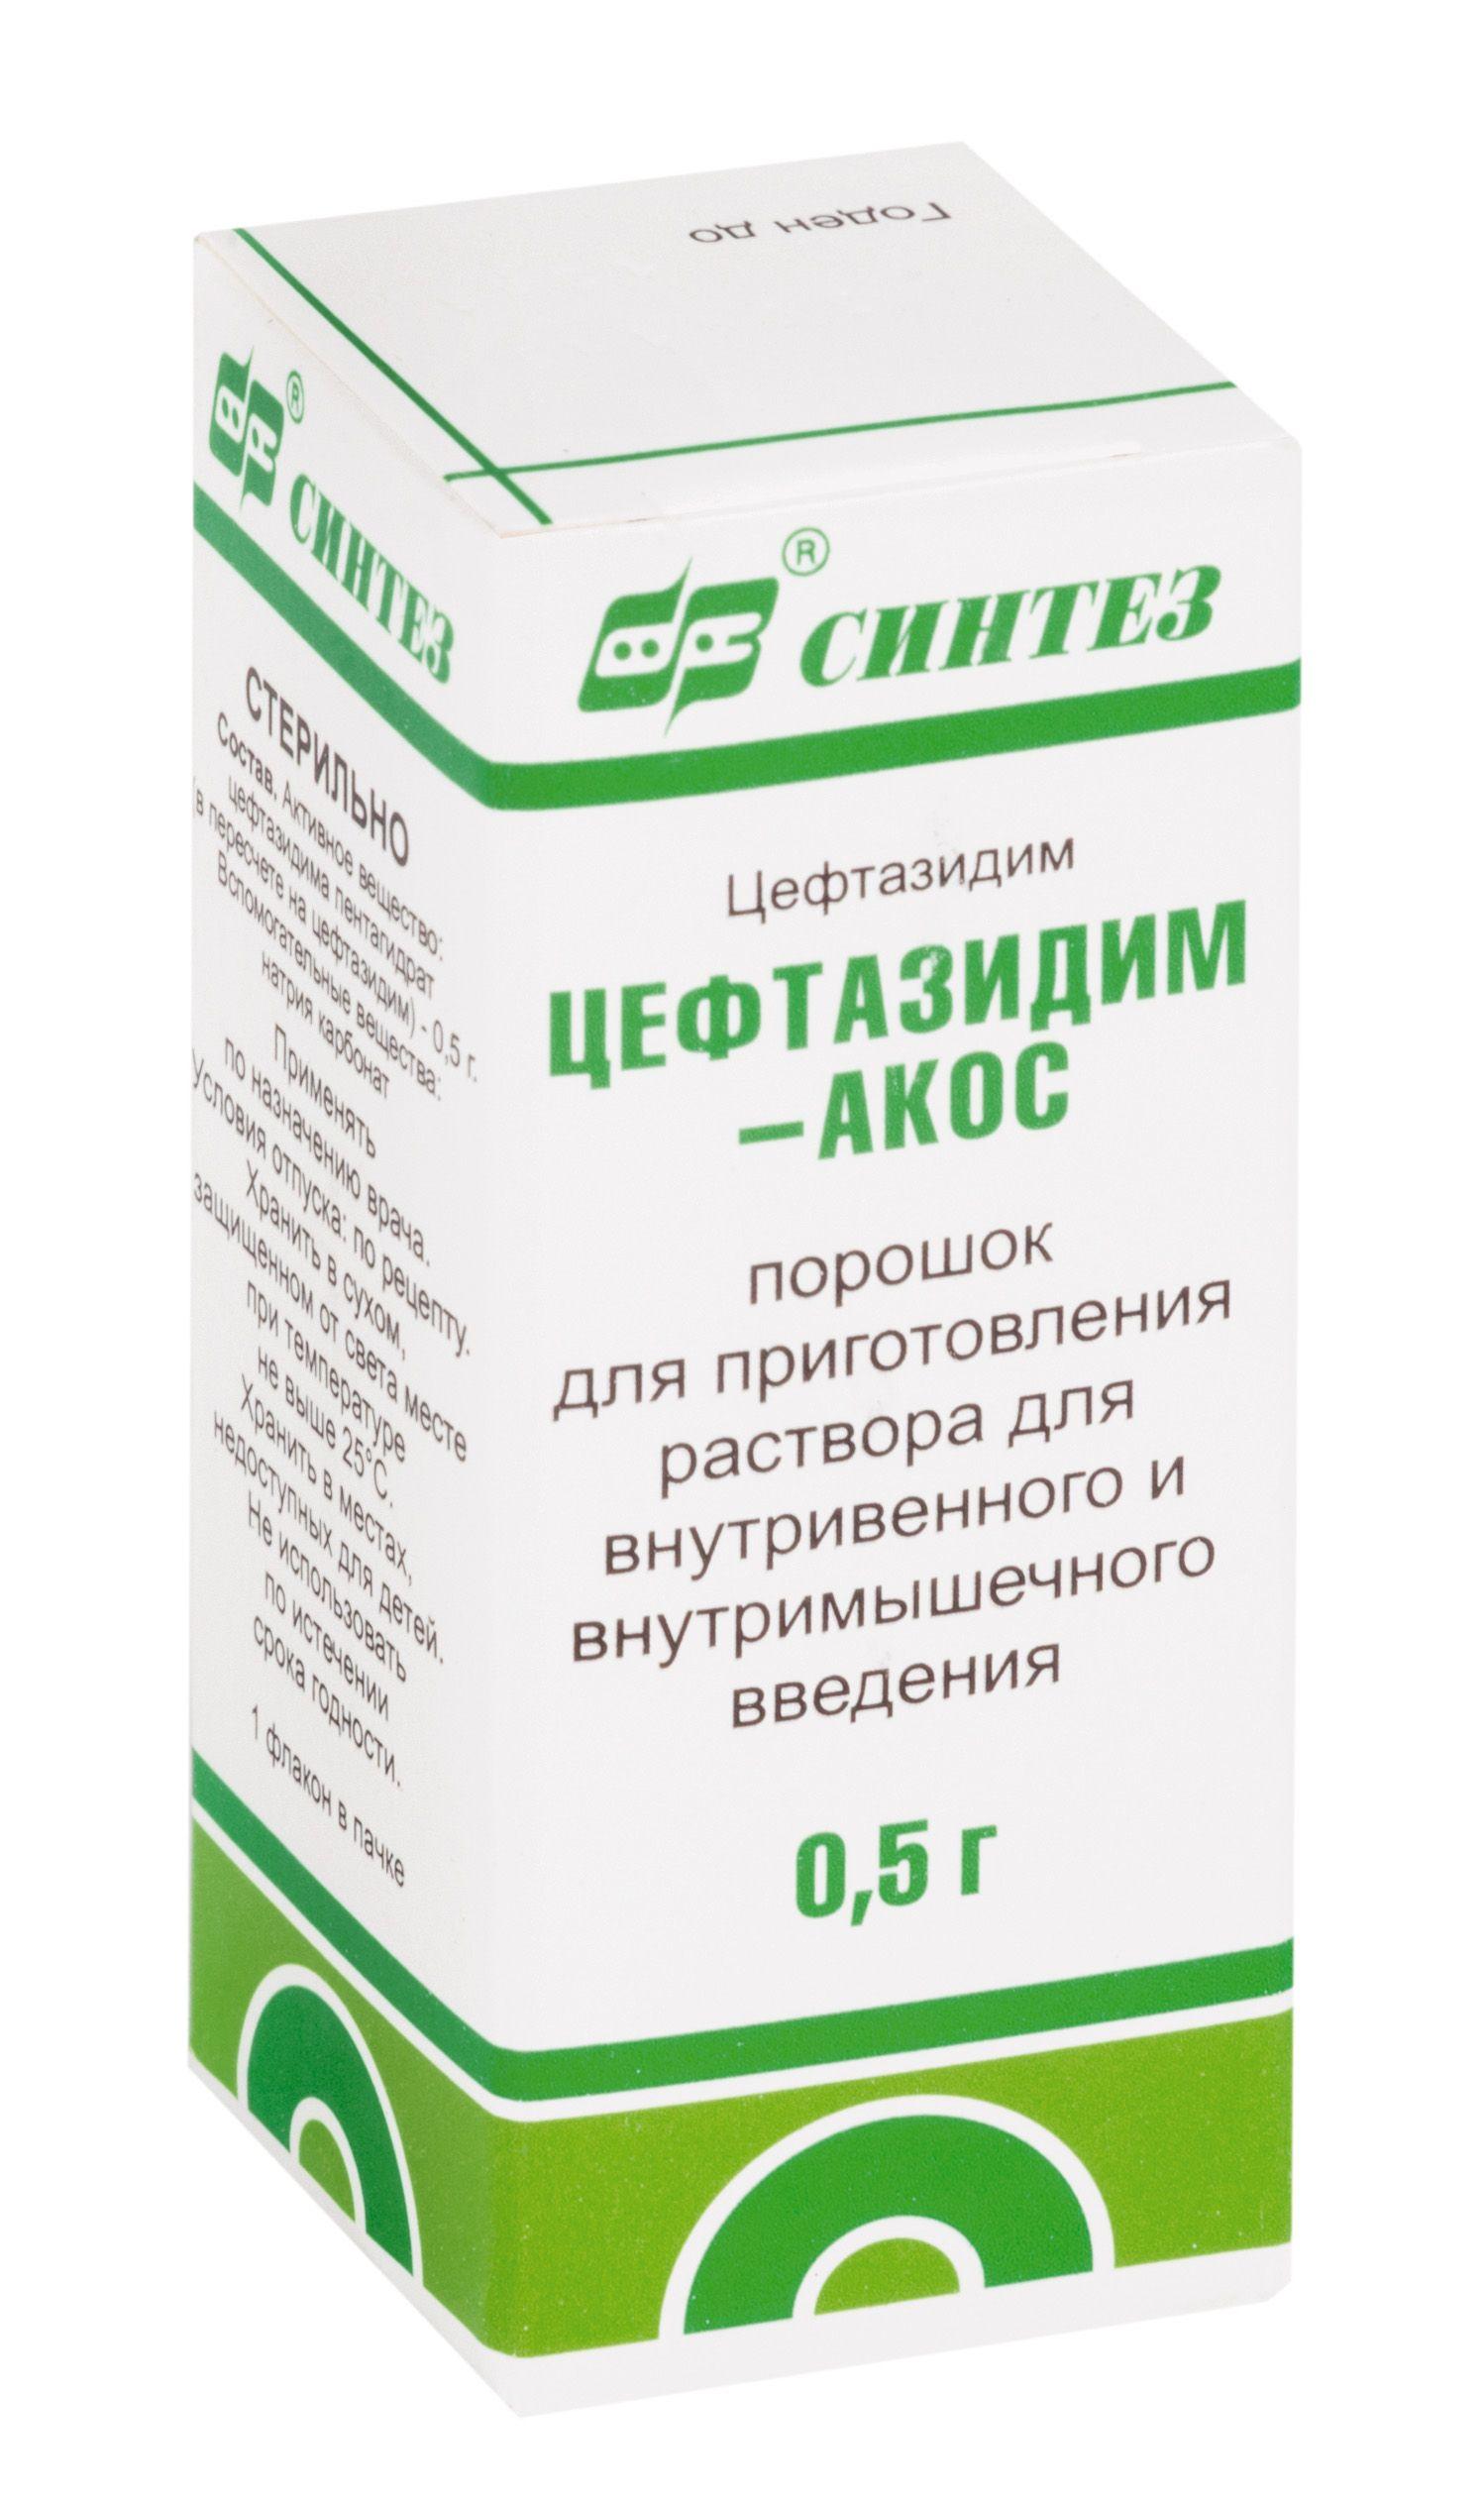 фото упаковки Цефтазидим-АКОС